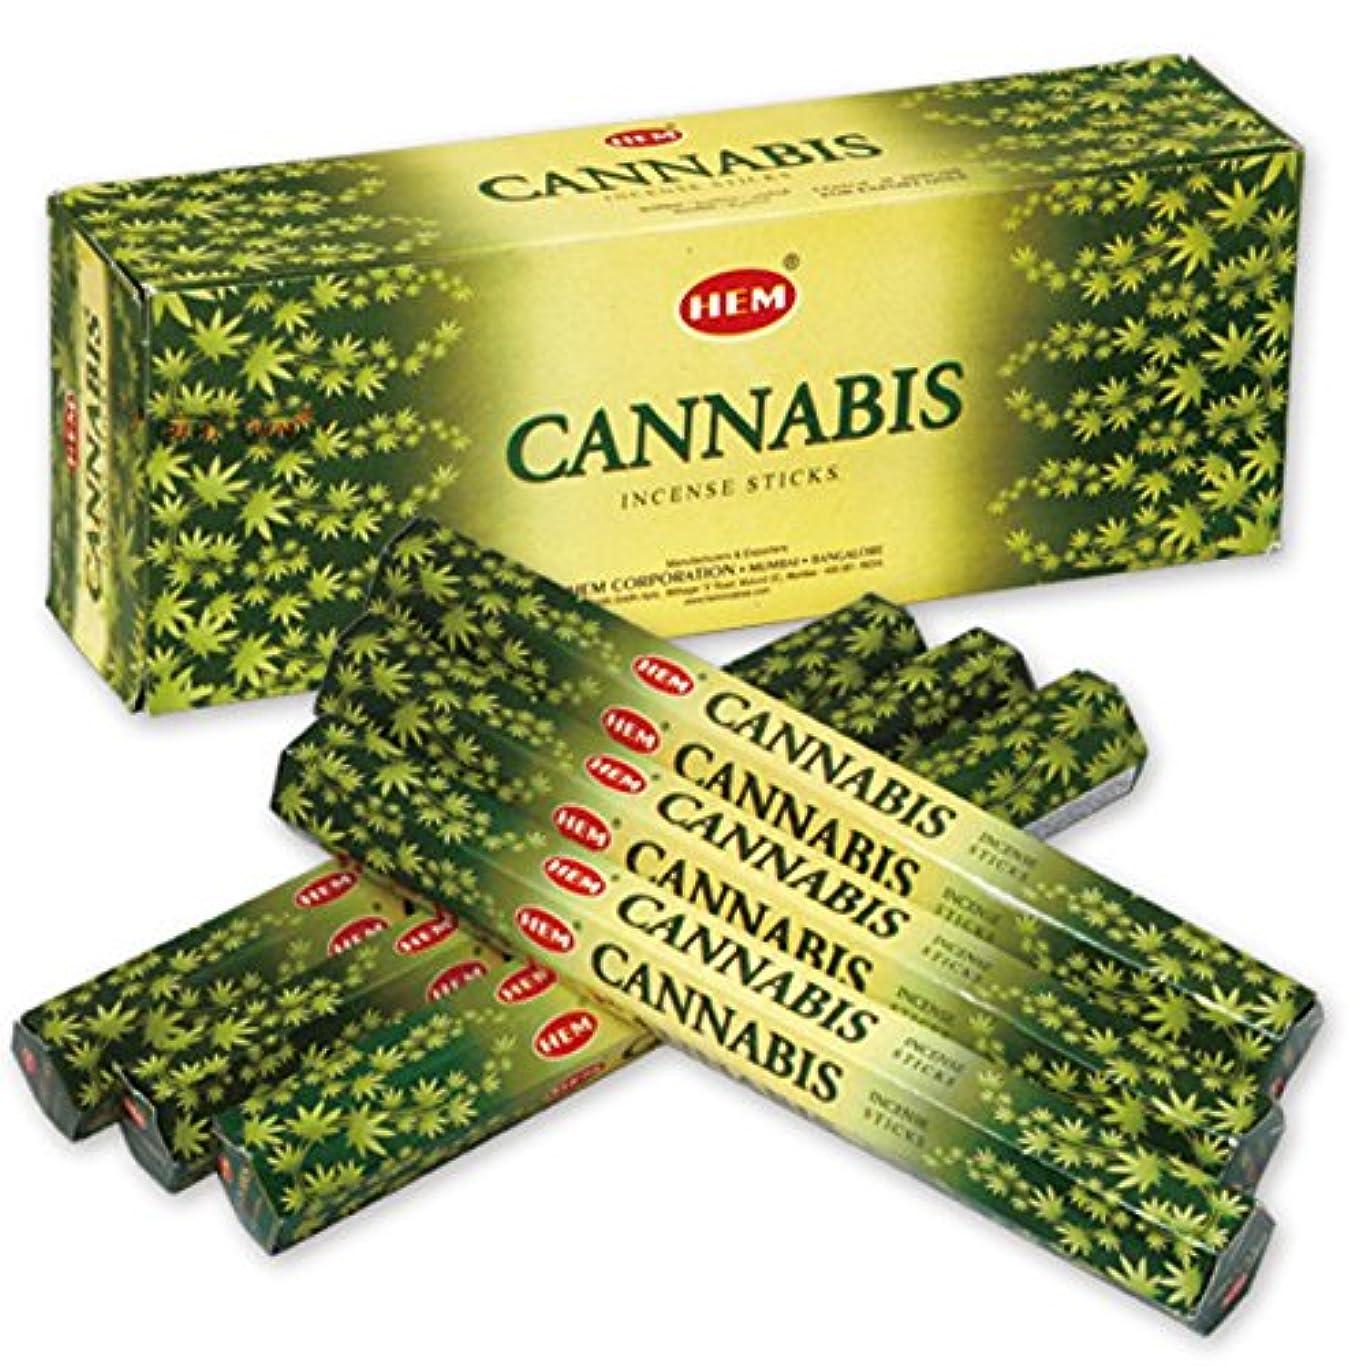 乳製品擁するテーブルHEM(ヘム) カナビス CANNABIS スティックタイプ お香 6筒 セット [並行輸入品]